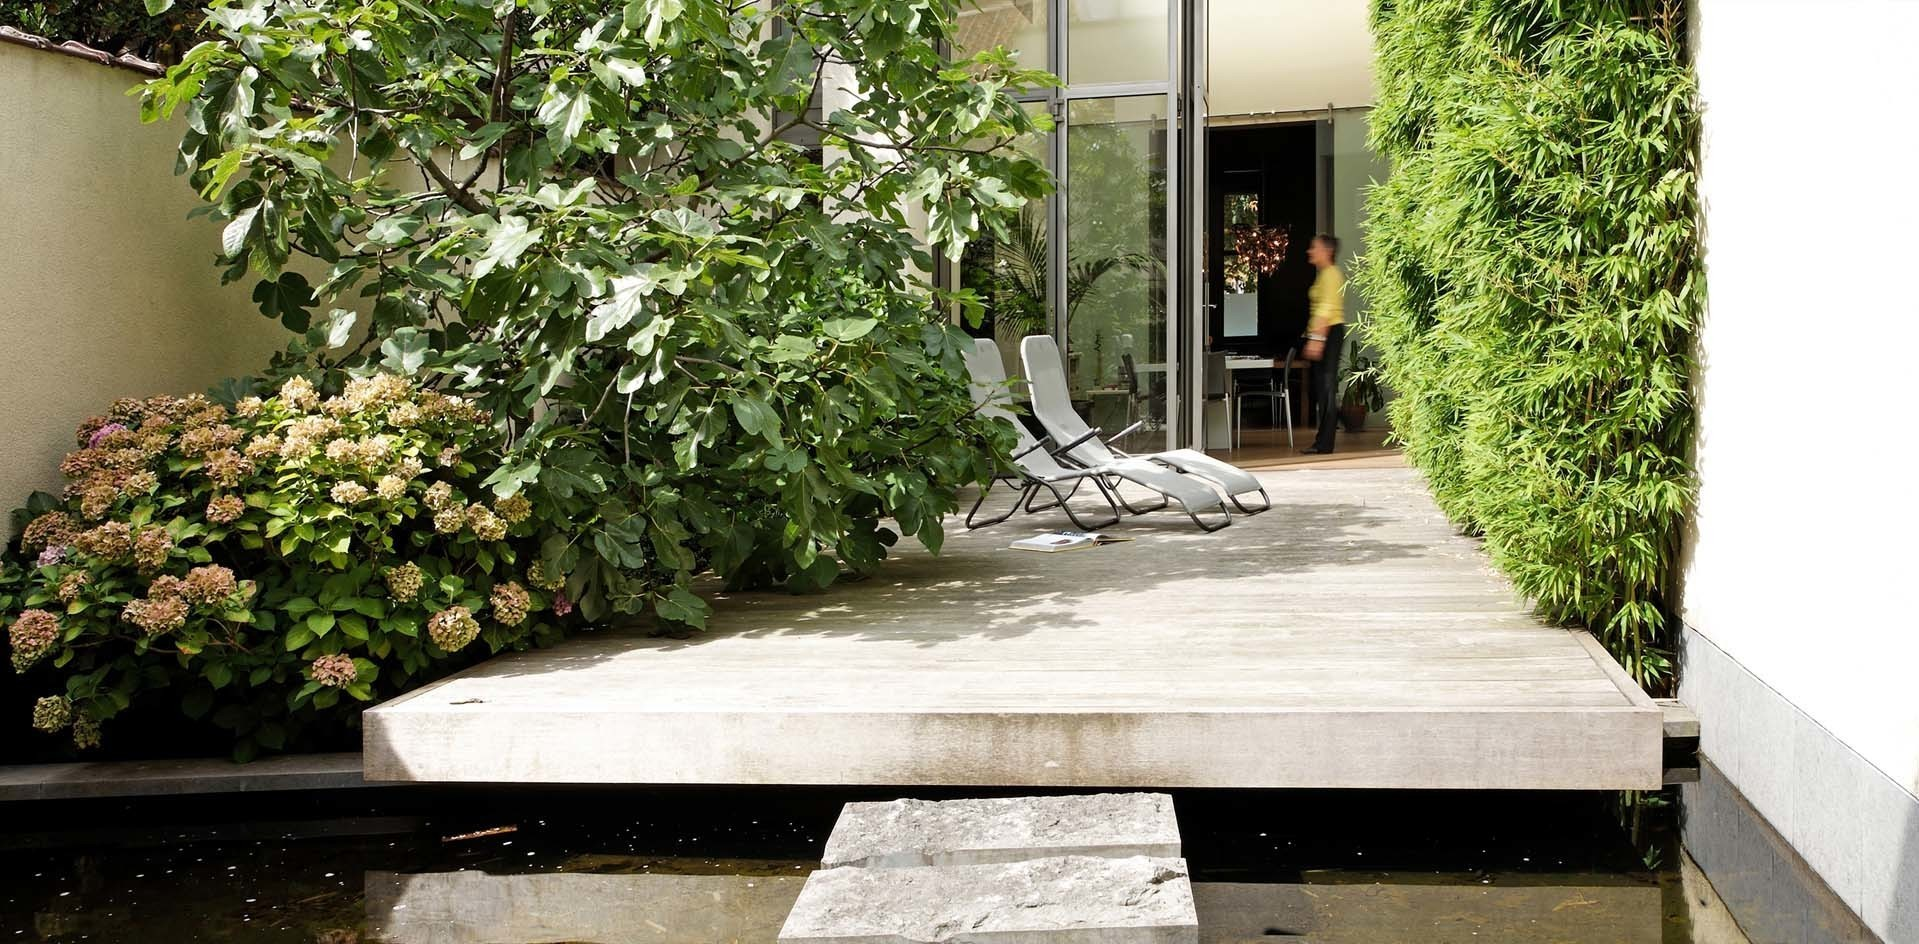 Водоем и вертикальное озеленение в маленьком дворе